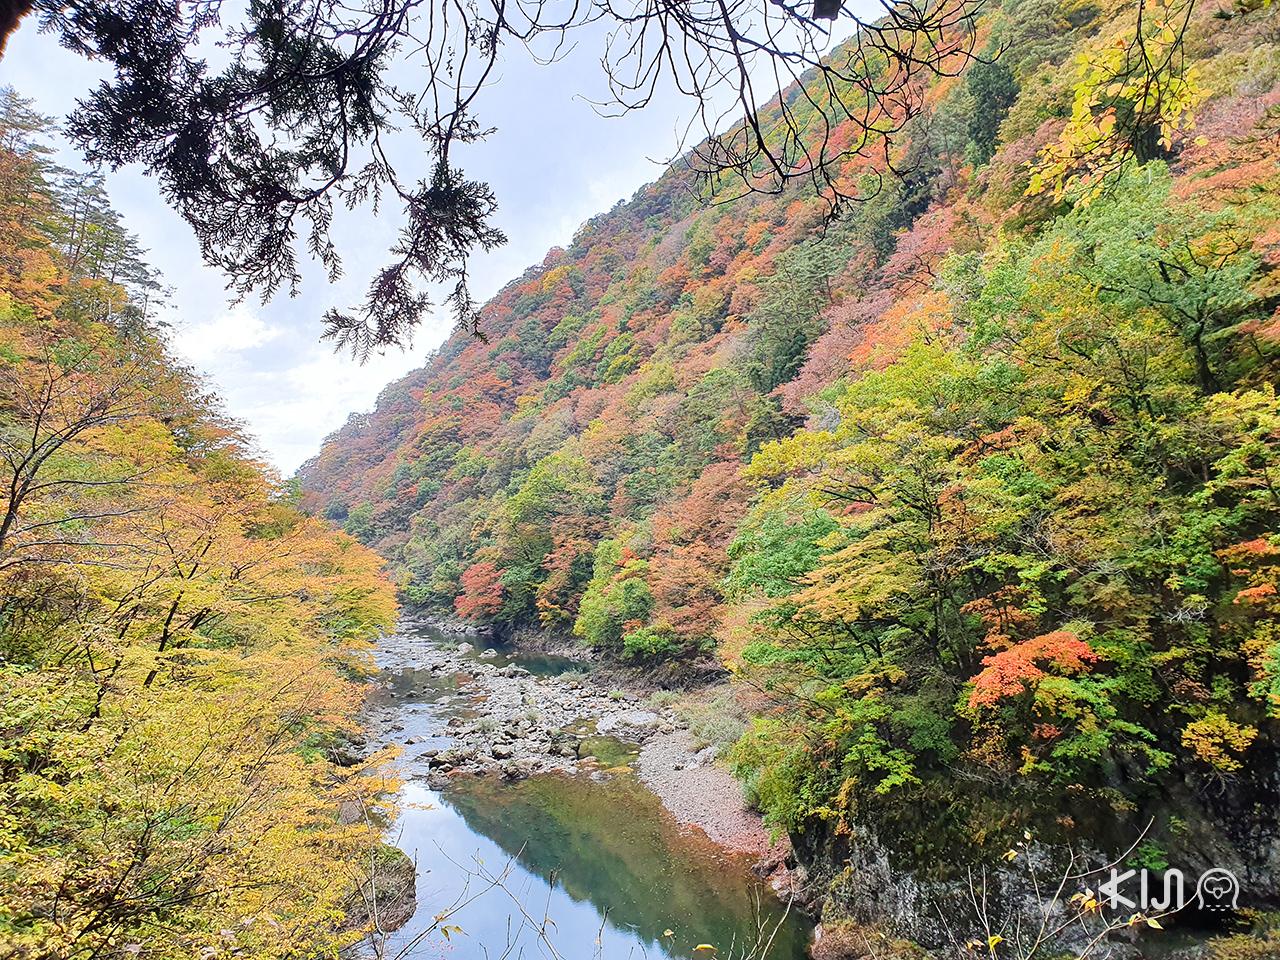 ชม ใบไม้เปลี่ยนสี ที่ หุบเขาดาคิกาเอริ (Dakigaeri Gorge) ใน โทโฮคุ